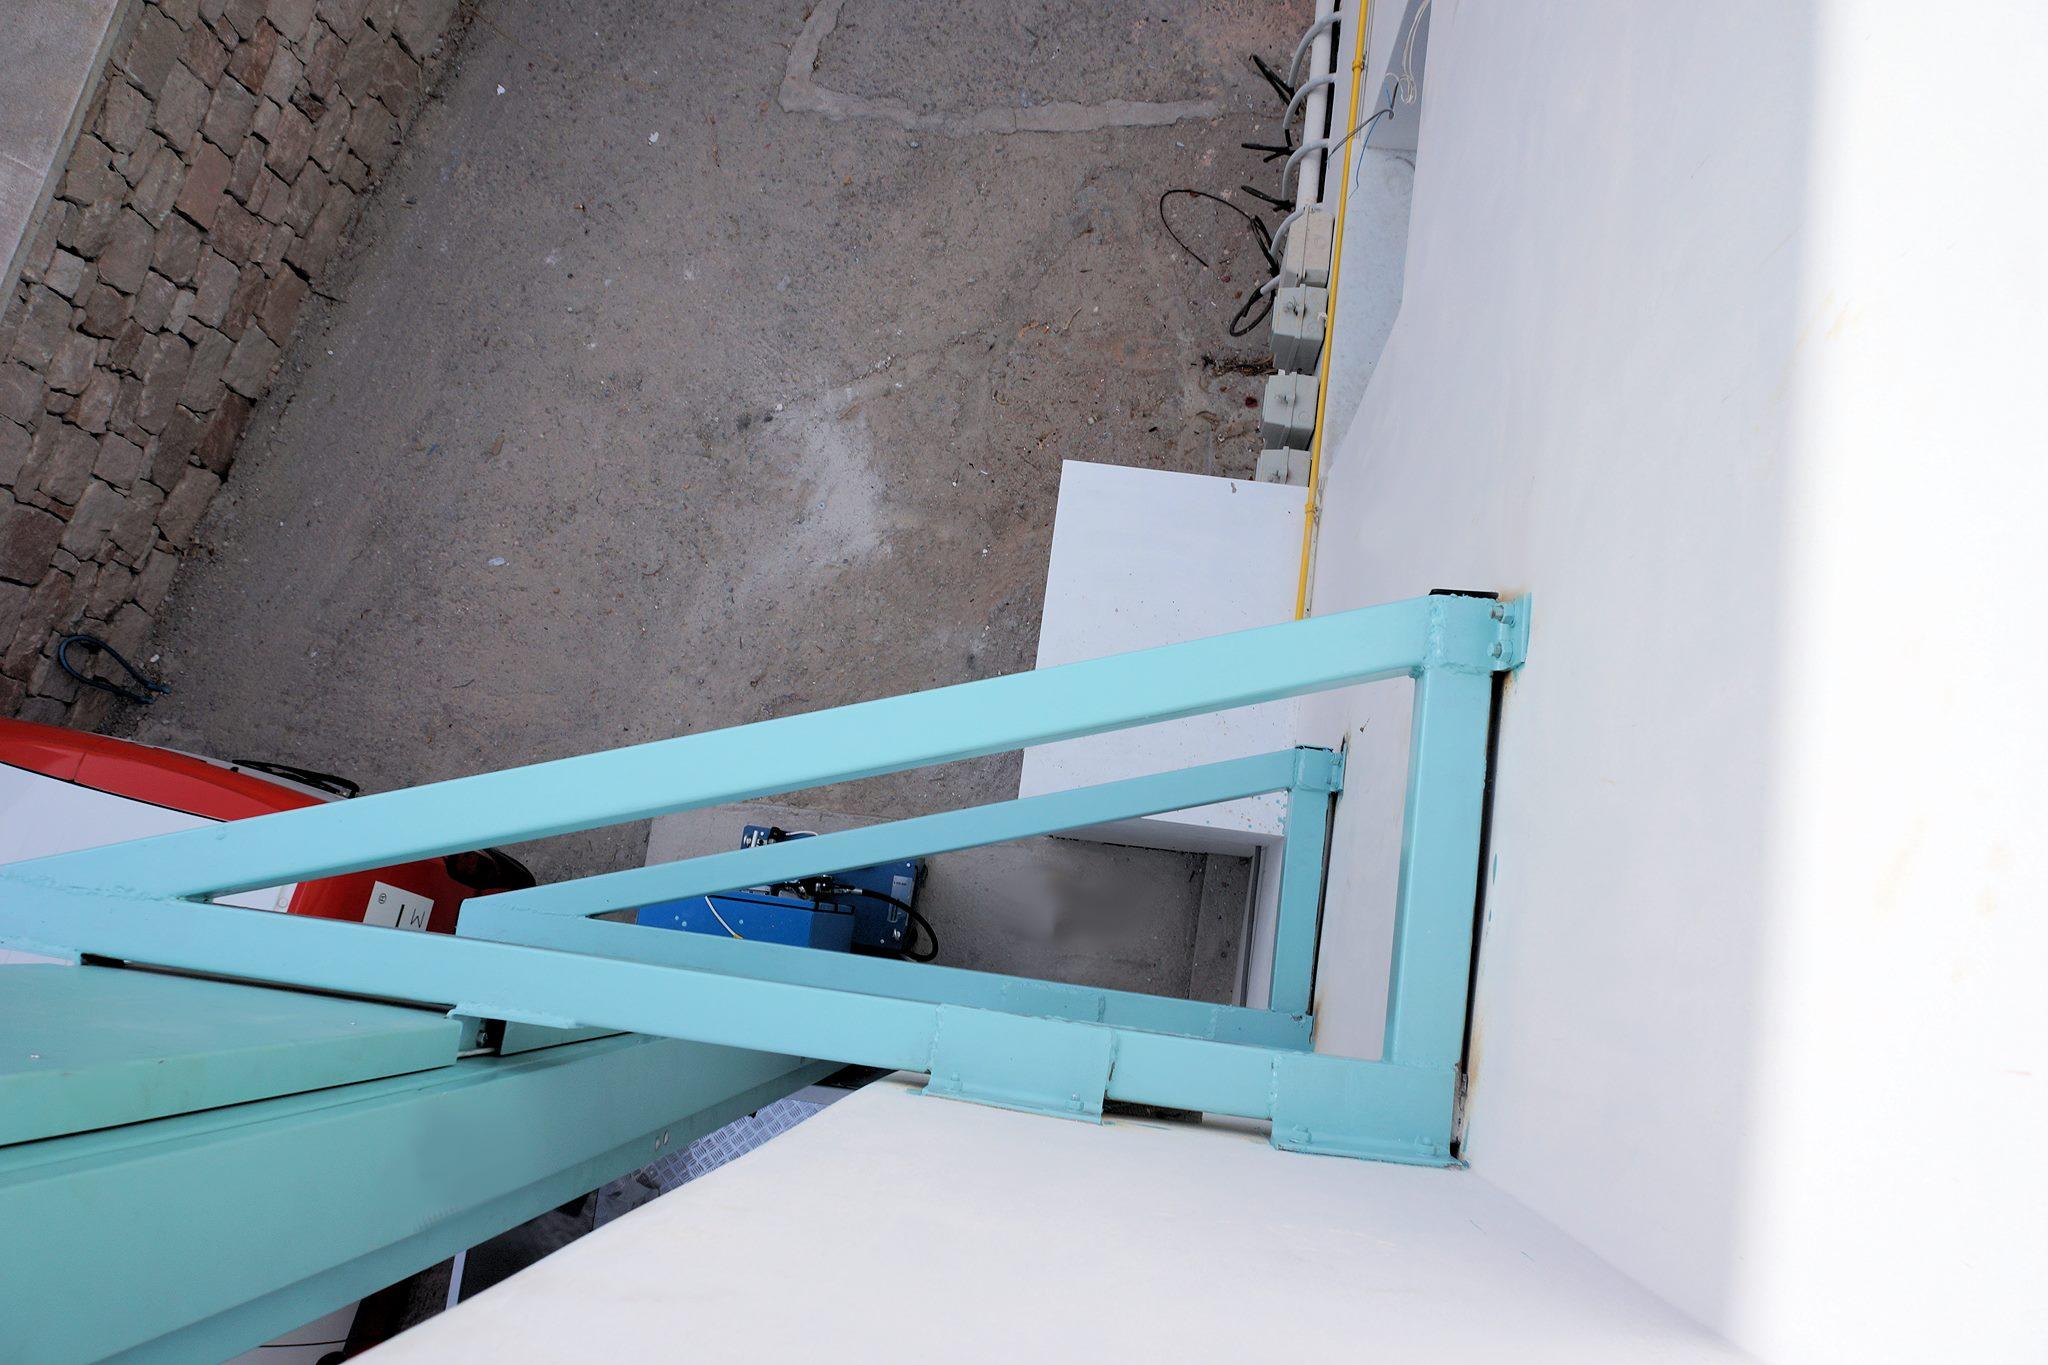 αναβατοριο ασανσερ εξωτερικο kleemann vertiplat (5)